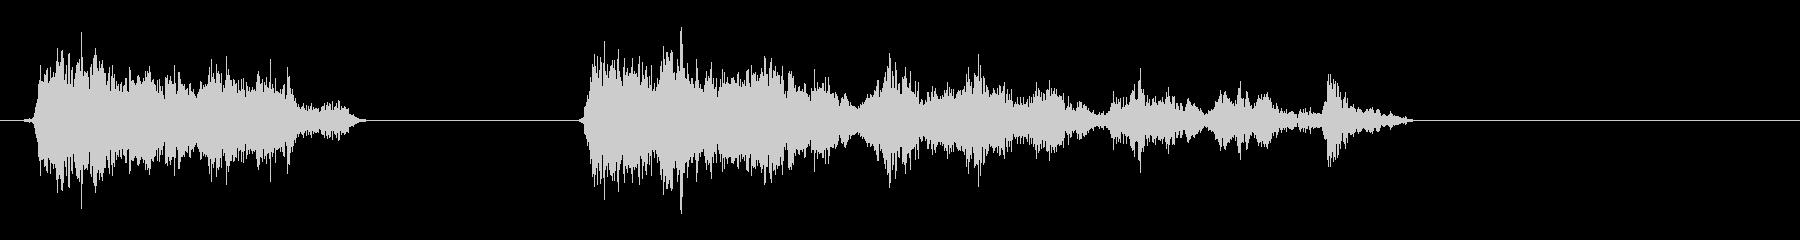 ホイッスル-グループ-2バージョンの未再生の波形